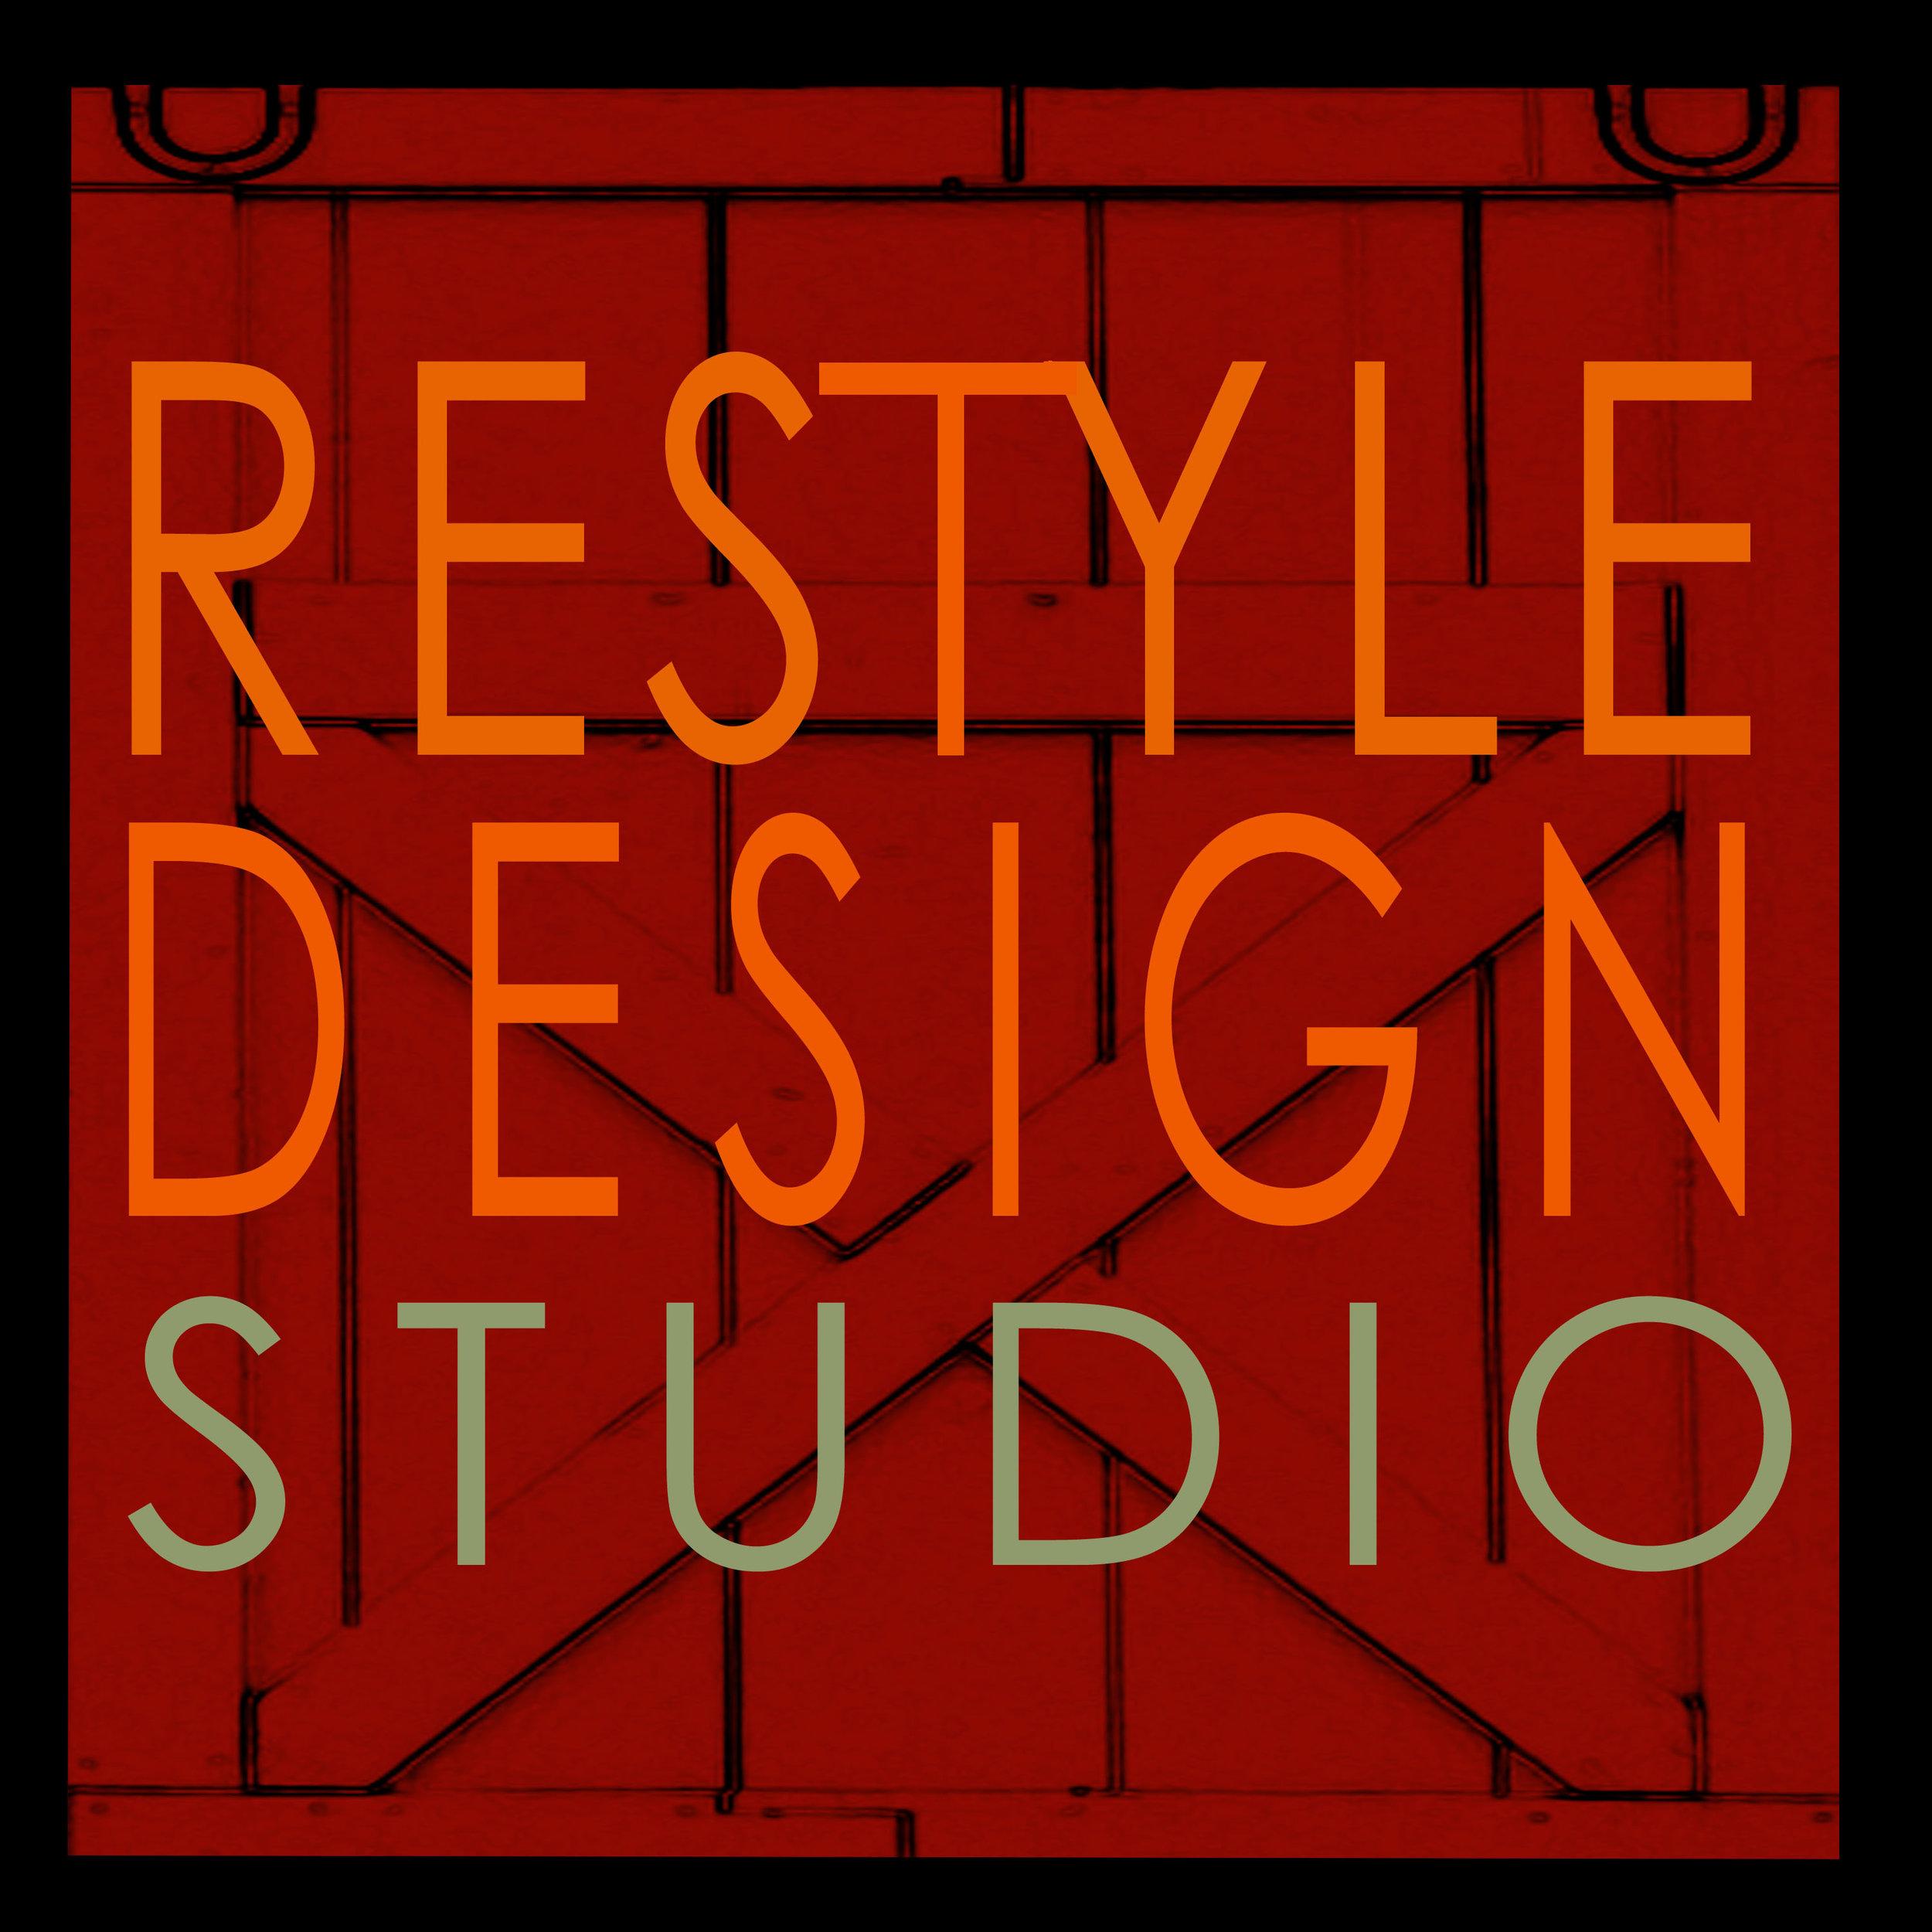 RESTYLE DESIGN STUDIO BARN DOOR FINAL.jpg